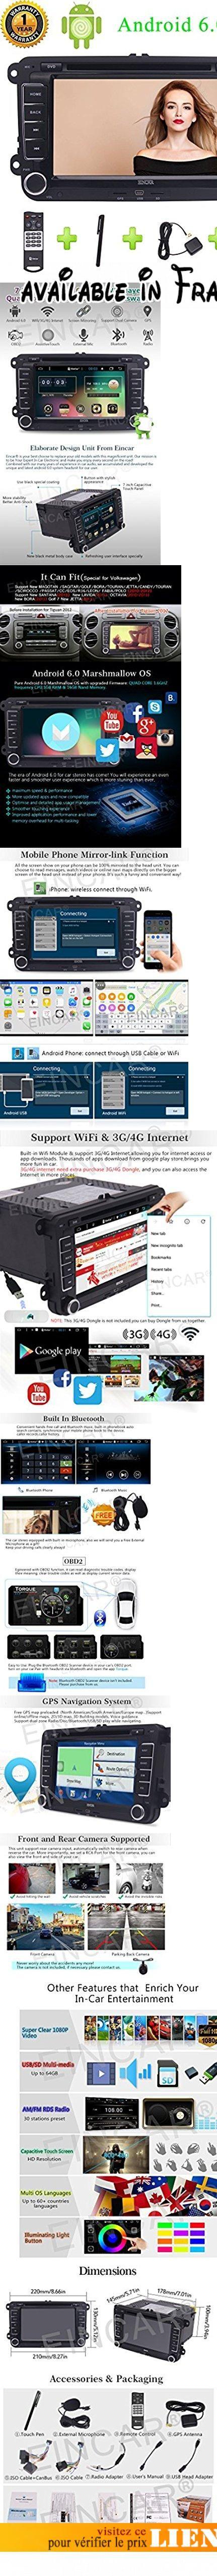 """7"""" Android 6.0 pur lecteur DVD de voiture Unité Univeral Quad-core pour Volkswagen souhait Wifi / 3G / 4G Support Internet OBD2 auj, la fonction Bluetooth GPS navigaiotn tactile et d'assistance funcion radio.. New Devopled Pure Player Android DVD de voiture avec système Marshmallow, 7"""" Android 6.0 pur lecteur DVD de voiture 1.6GHz Quad-core, RAM: 1 Go DDR3, Nand mémoire: 16 Go, Radio IC: NXP TEF6686, sortie audio: 4 * 50W max, écran résolution: 800 * 480 Unité universel"""